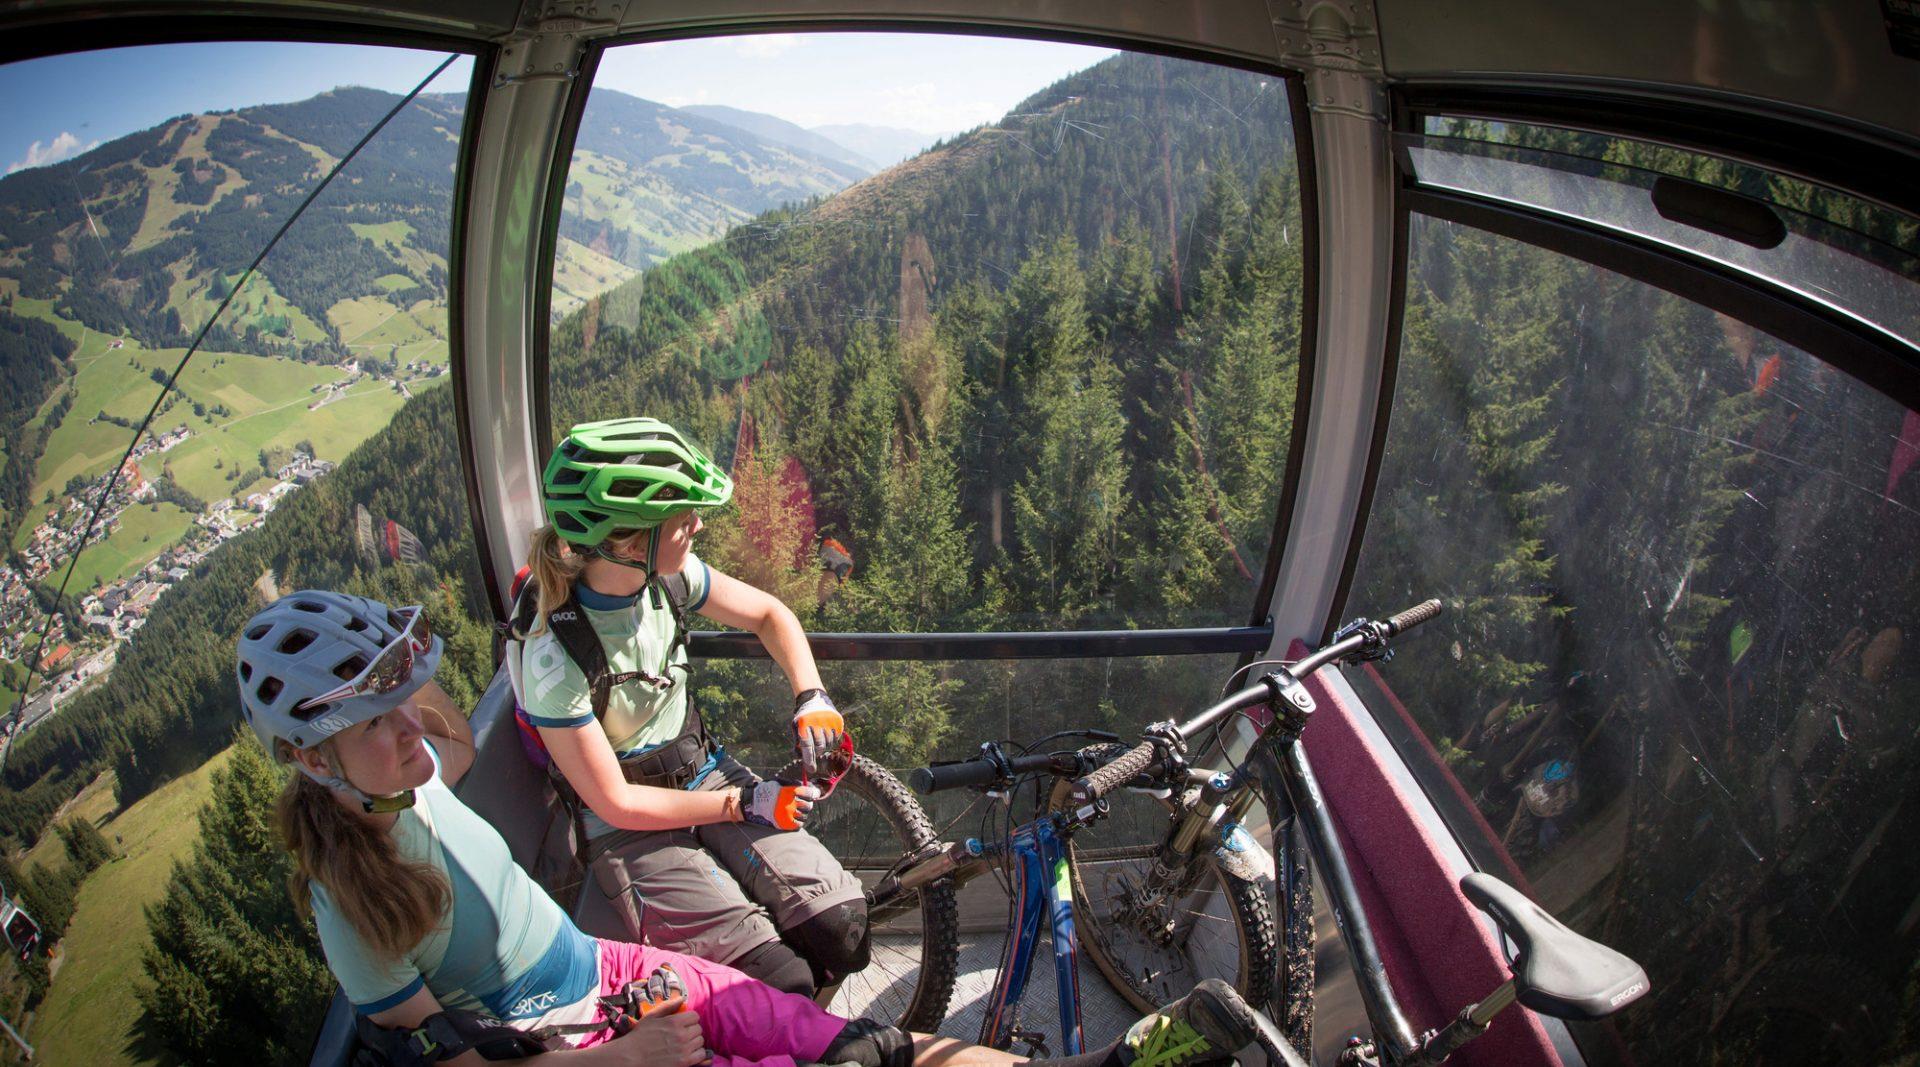 Zwei Mountainbiker sitzen neben ihren Bikes in der Gondel und genießen die Aussicht auf grüne Berghänge.